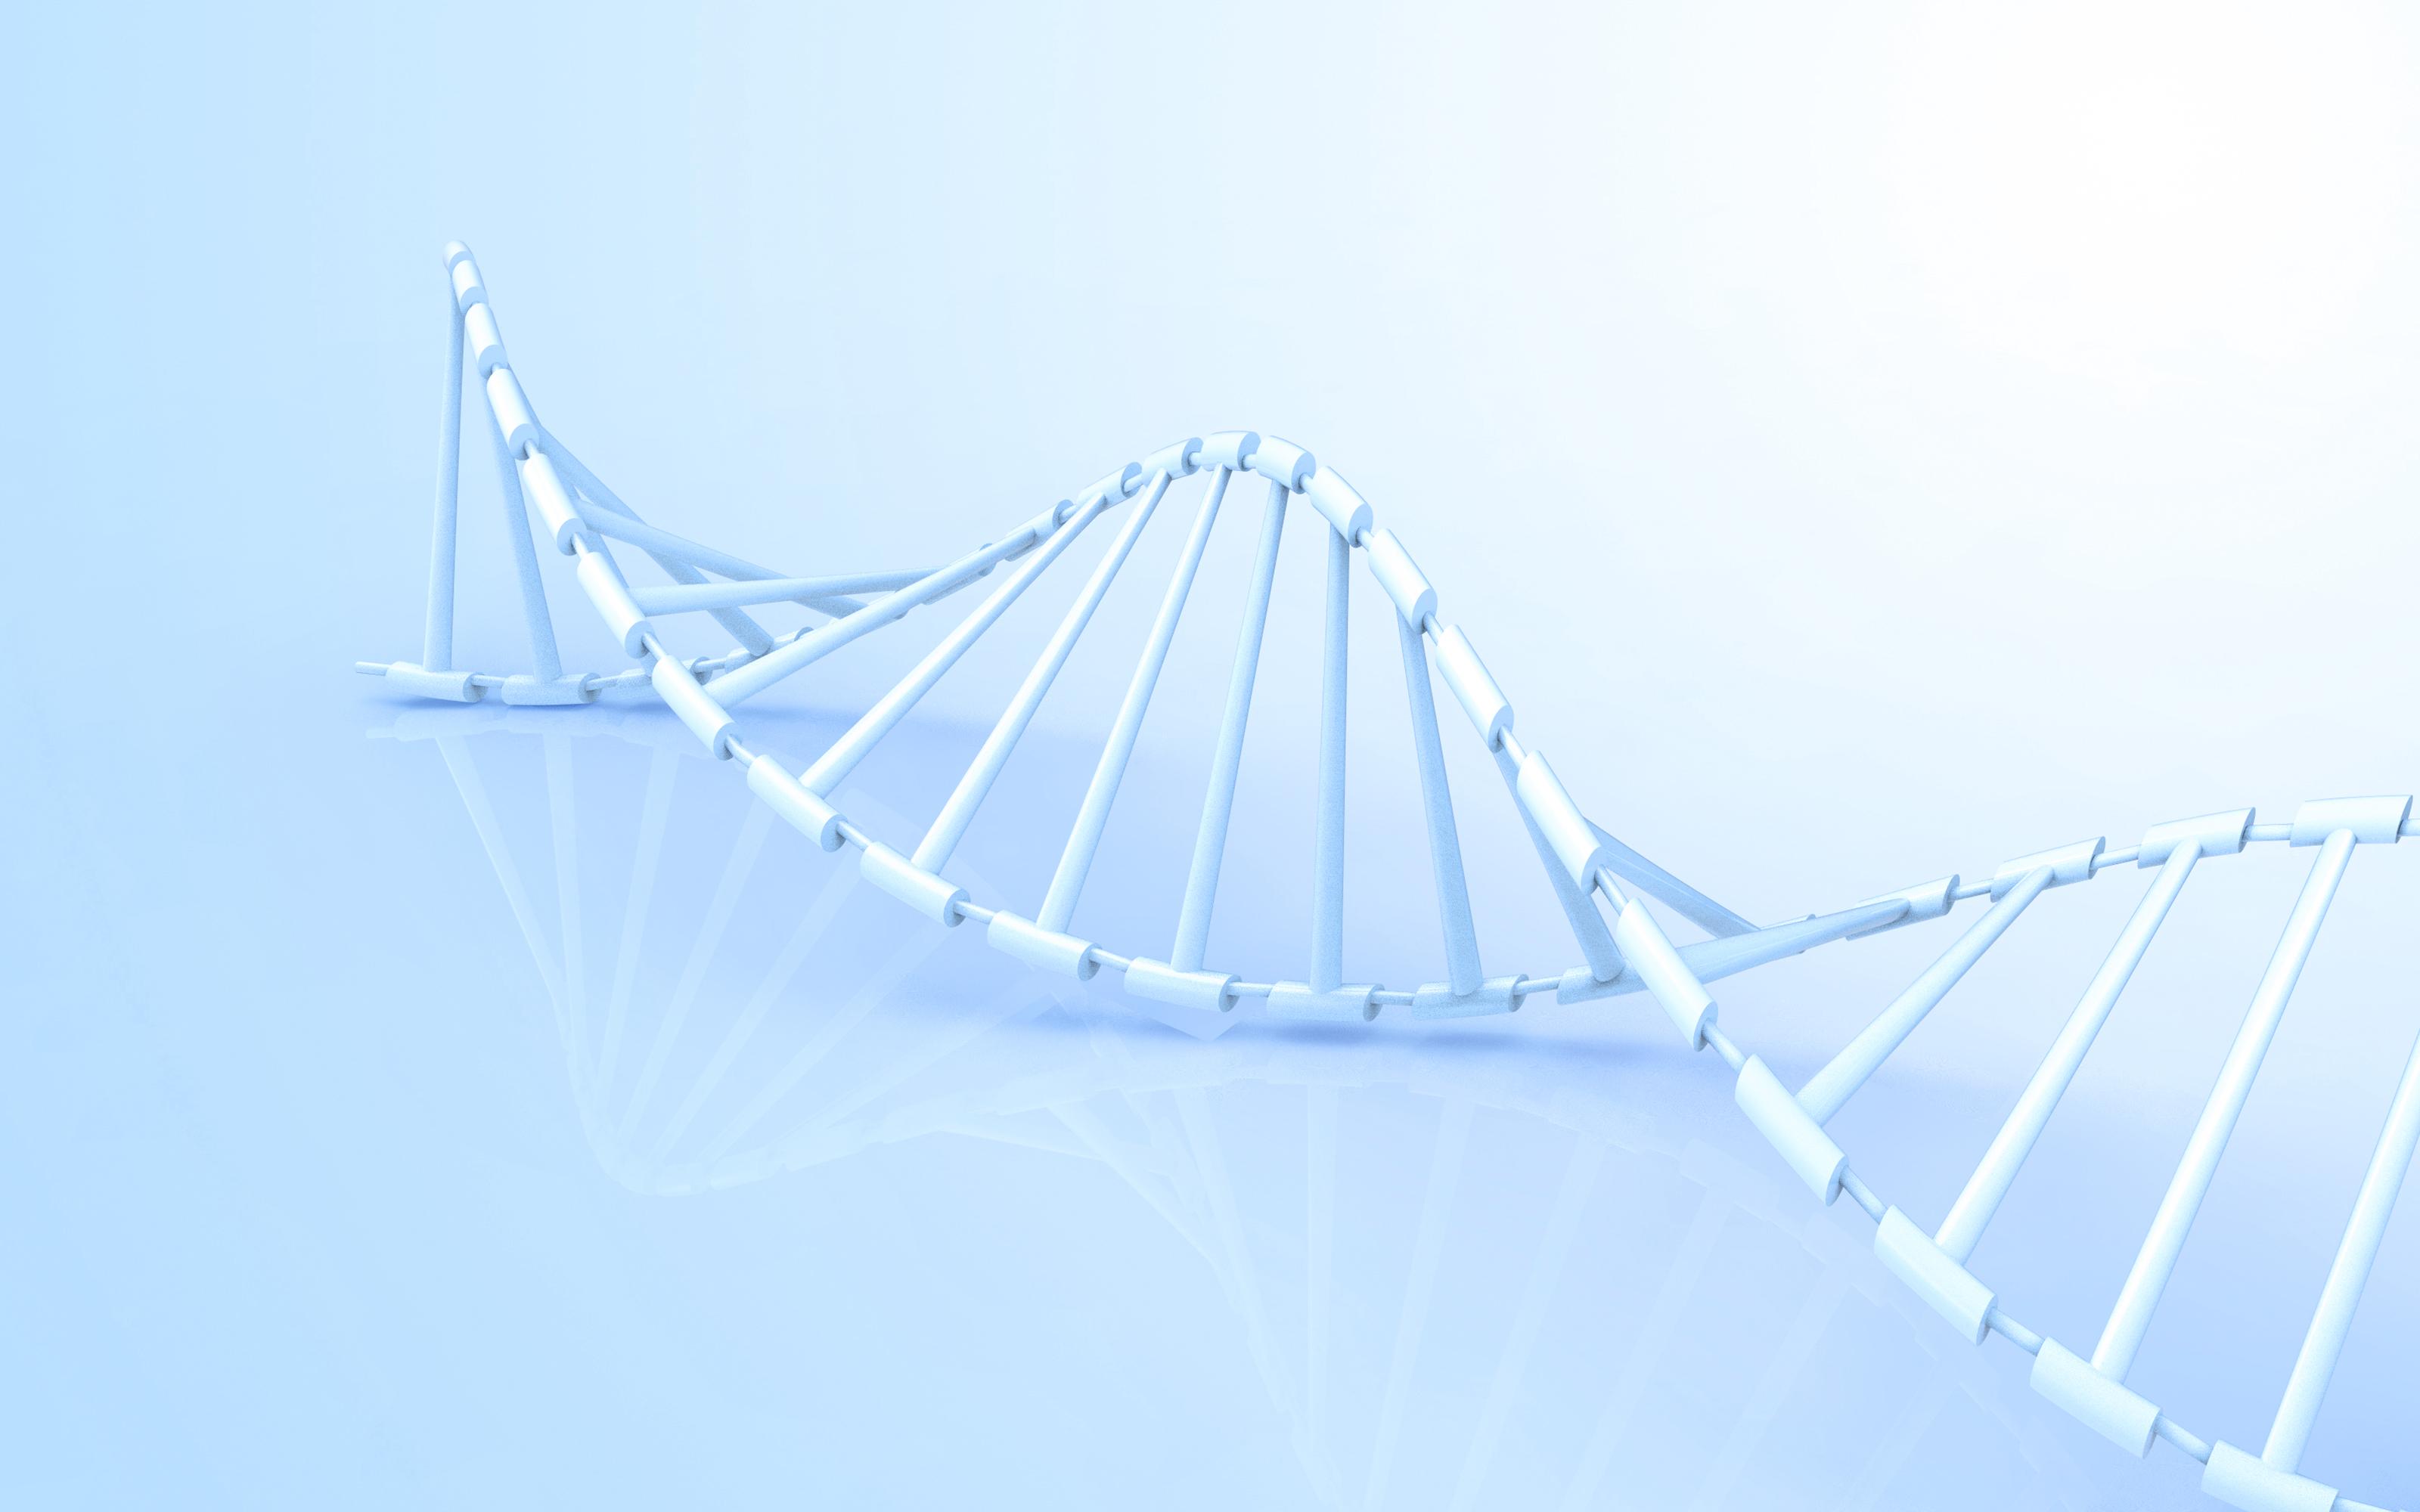 前沿:CDE發布基因修飾細胞治療產品非臨床研究與評價的關注點